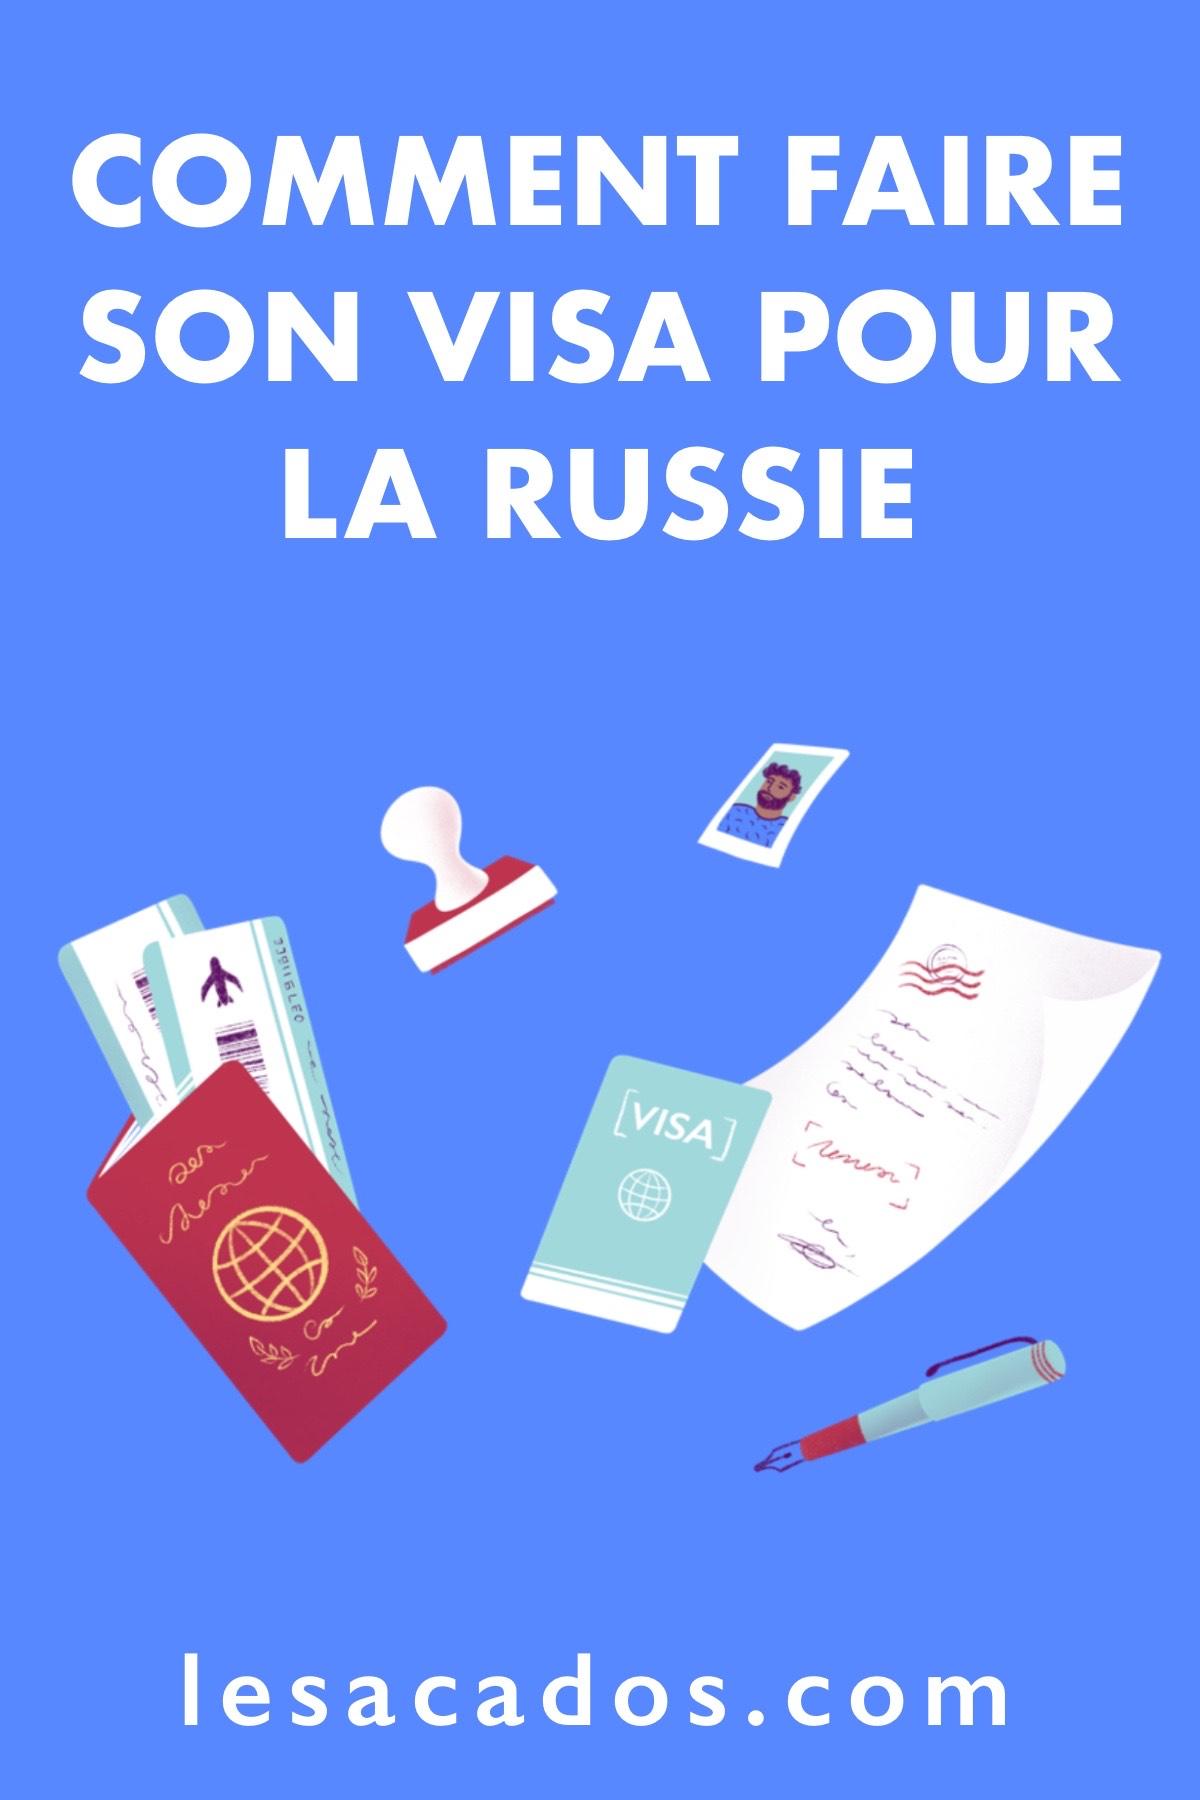 Vous souhaitez partir découvrir la Russie ? Dans cet article je vous explique comment obtenir votre visa russe facilement et en une heure top chrono !